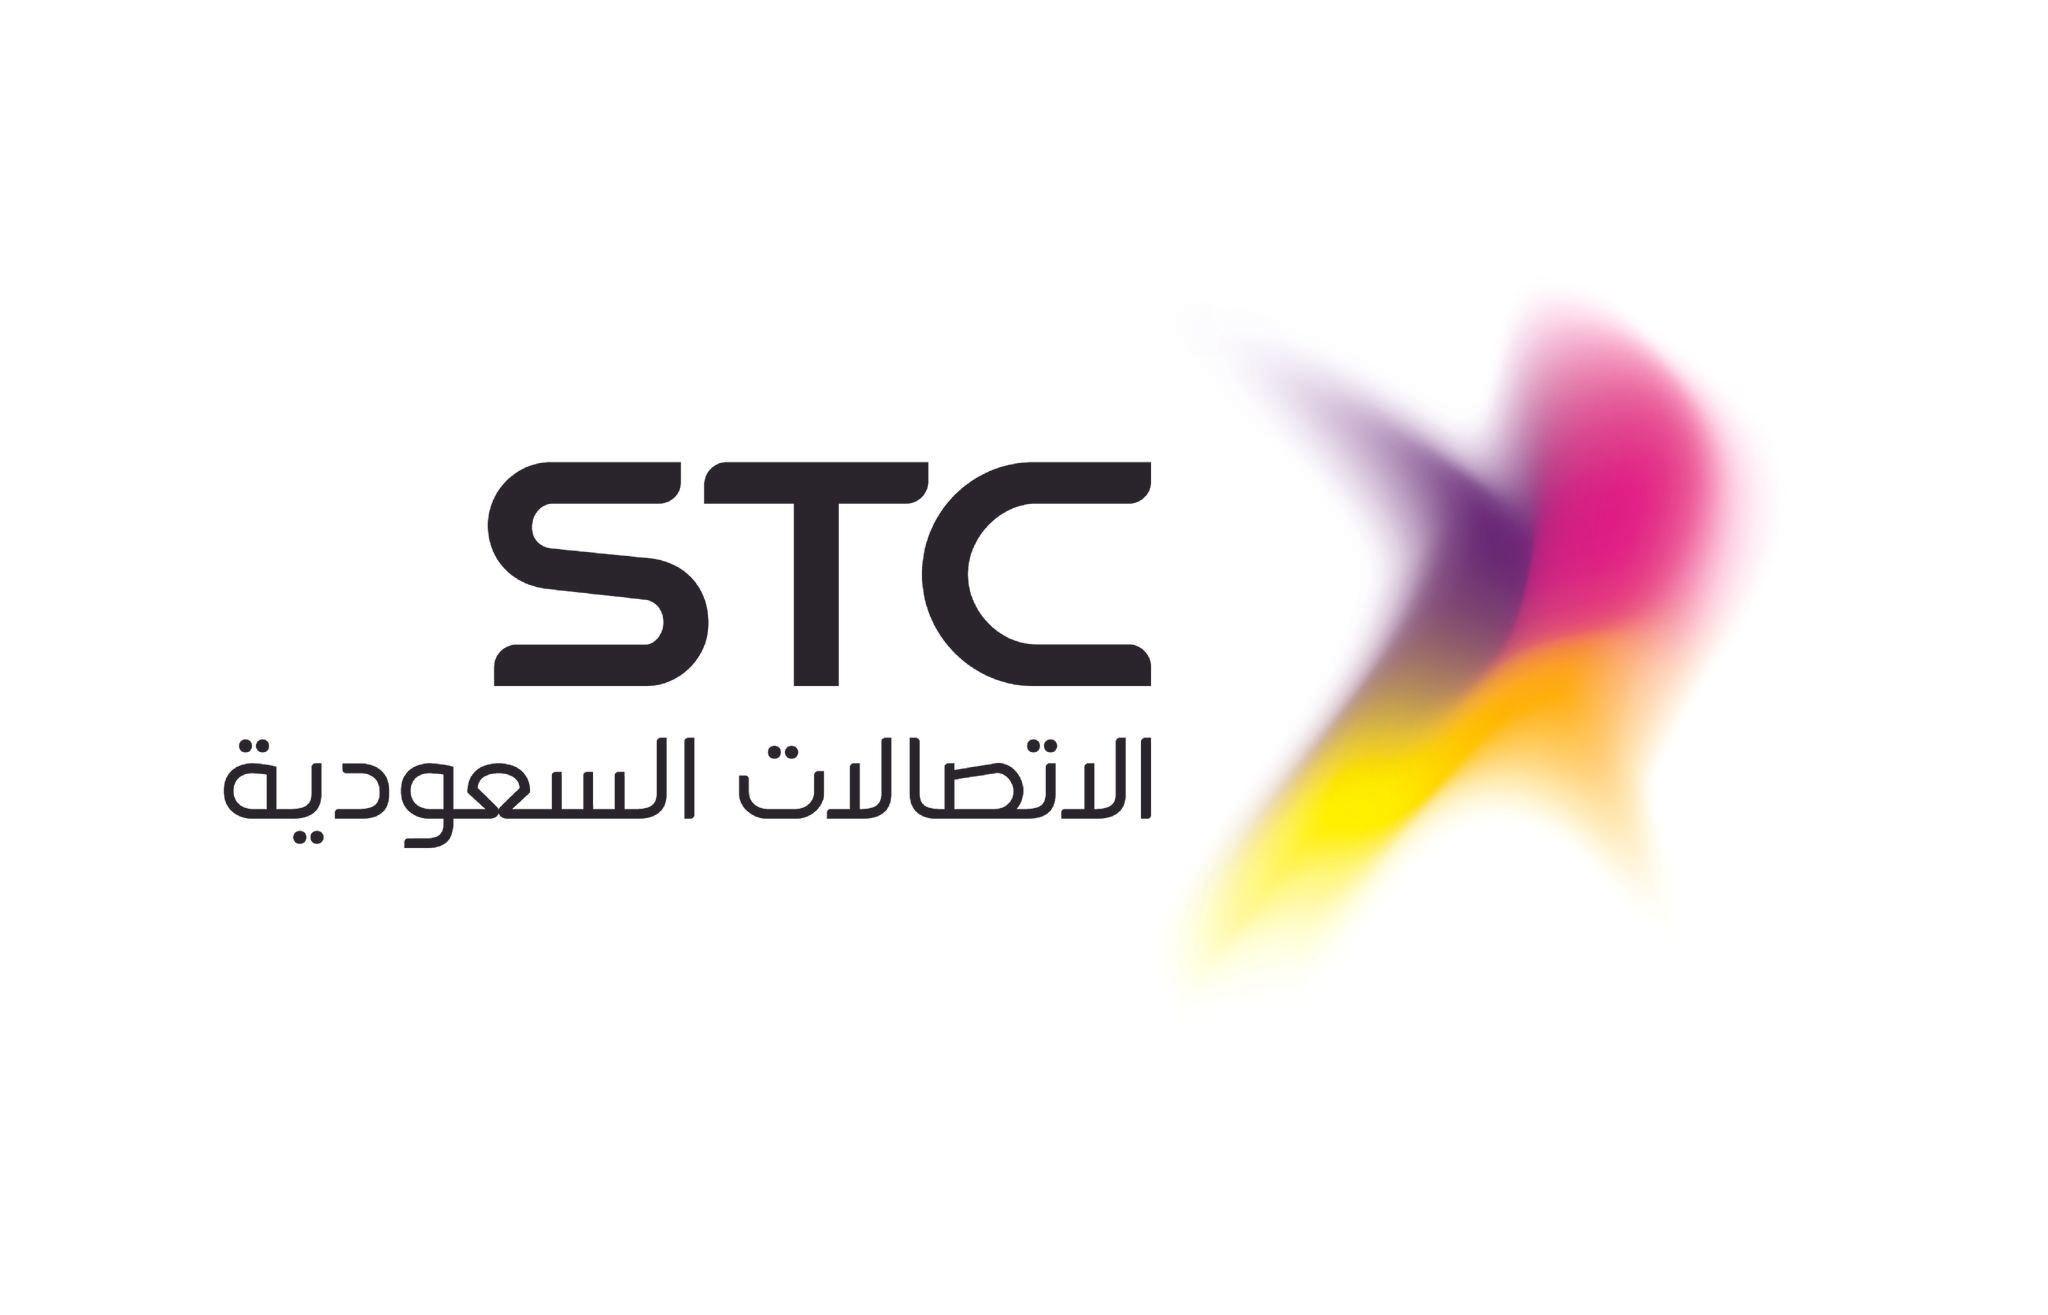 STC (Saudi Telecom Company)